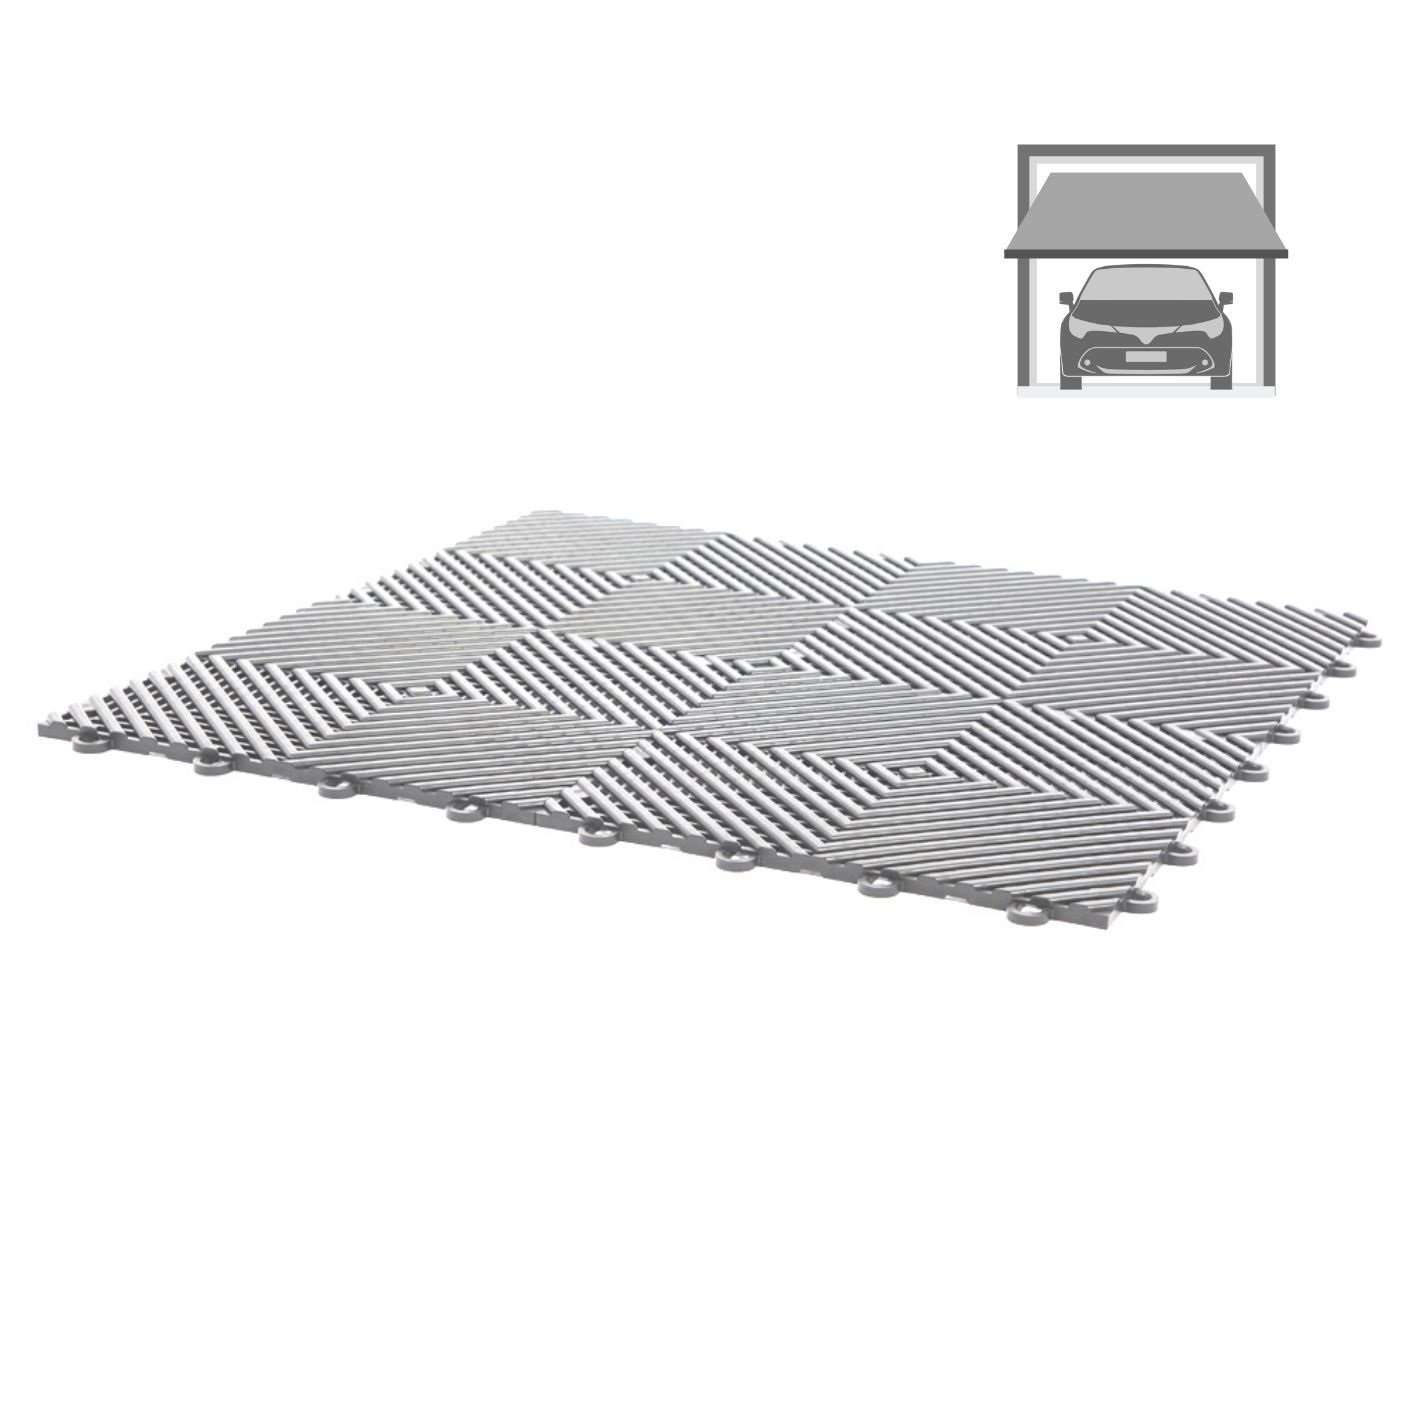 1 Metre Square = 4 X 50CM X 50CM X 12mm Thick MATS MAT Safety Rubber Tiles